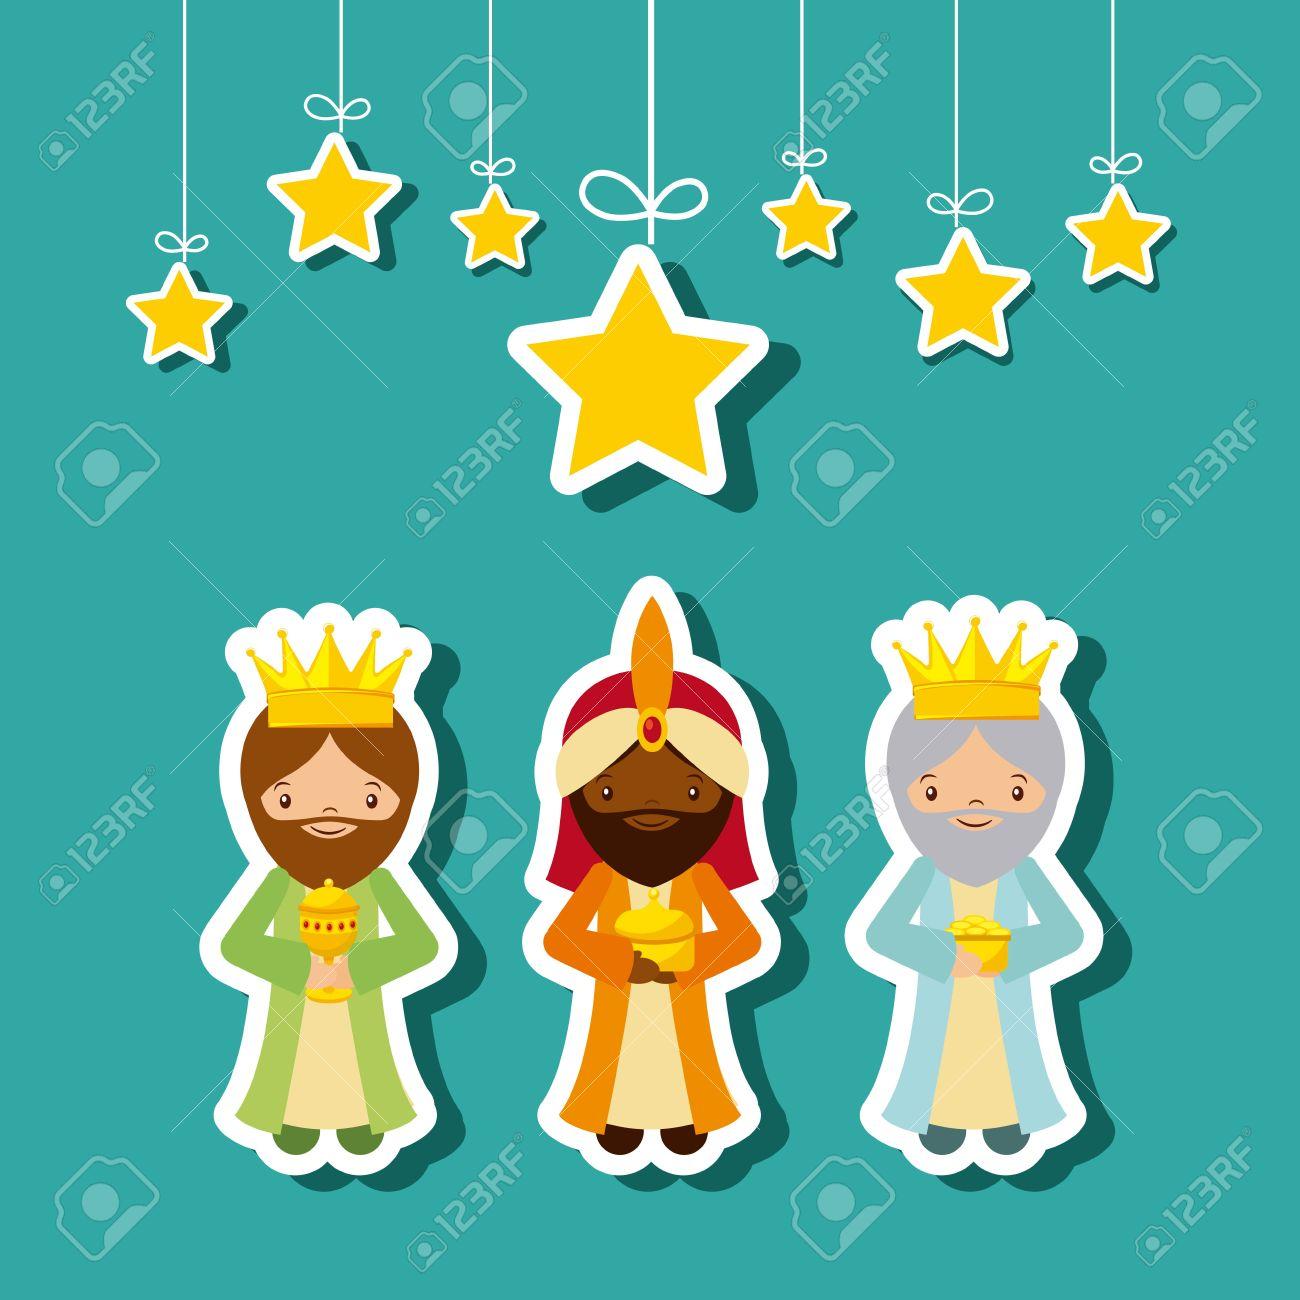 Dibujos Animados Lindo Reyes Magos Con Las Estrellas Decorativas Que